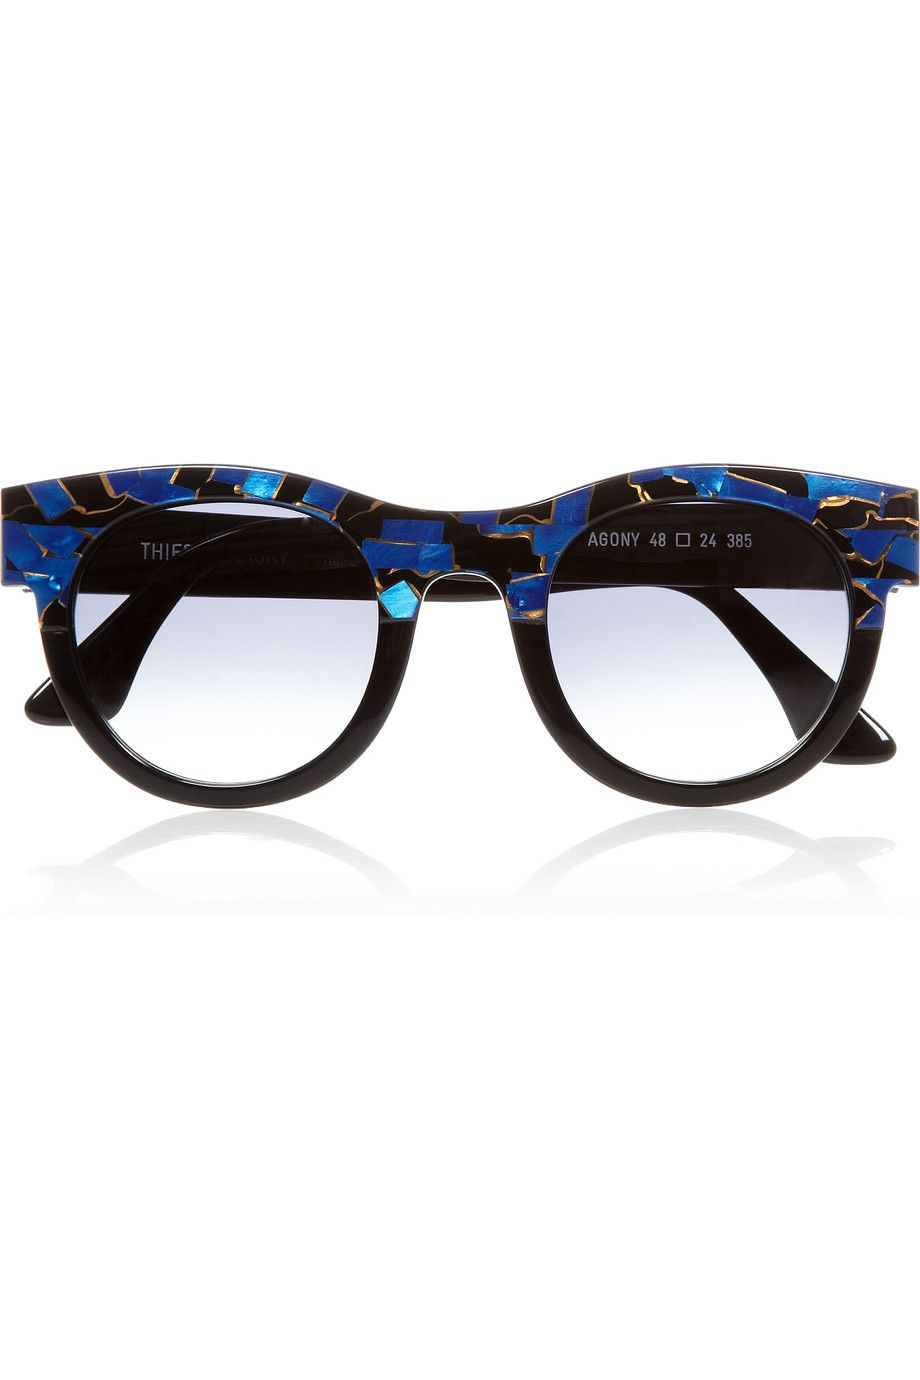 Thierry Lasry | Agony D-frame acetate sunglasses | NET-A-PORTER.COM ...